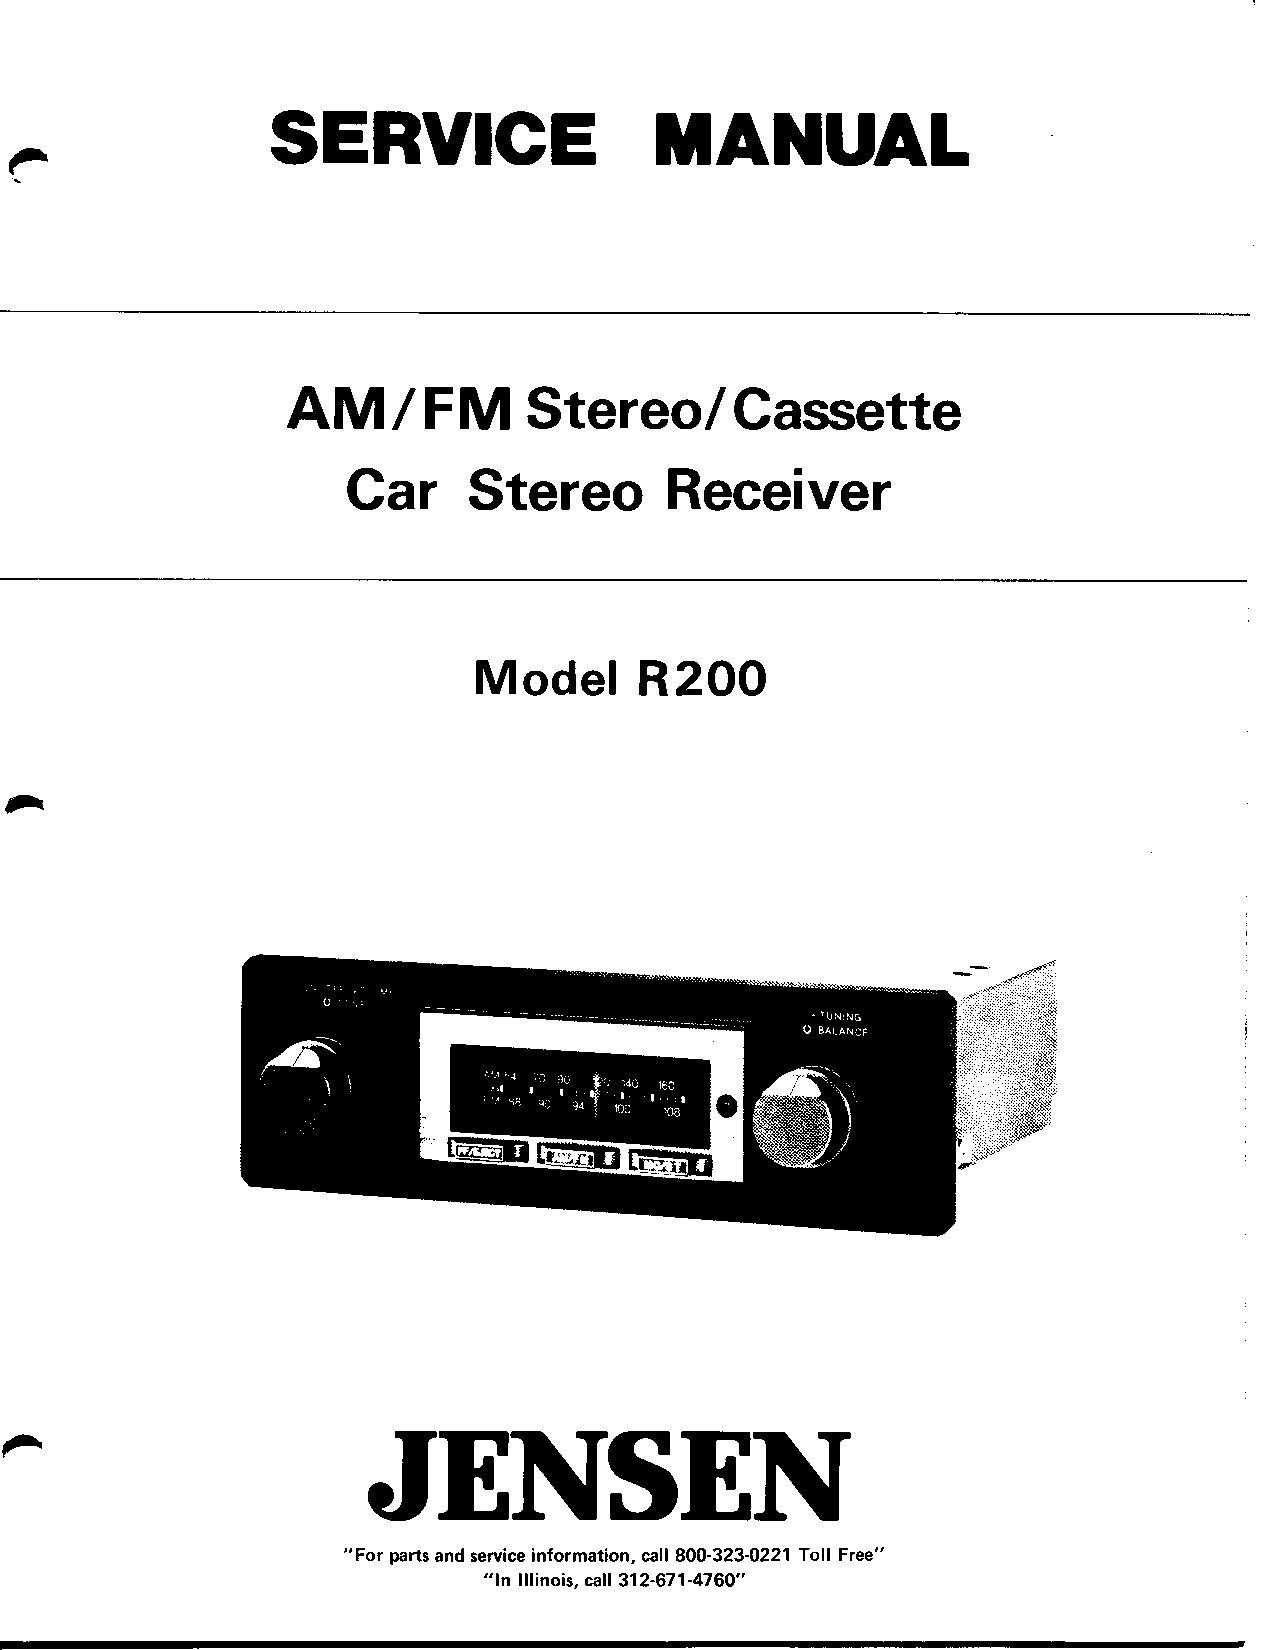 service manual for jensen r200 am fm stereo cassette car stereo rh amazon com dell r200 service manual dell r200 service manual